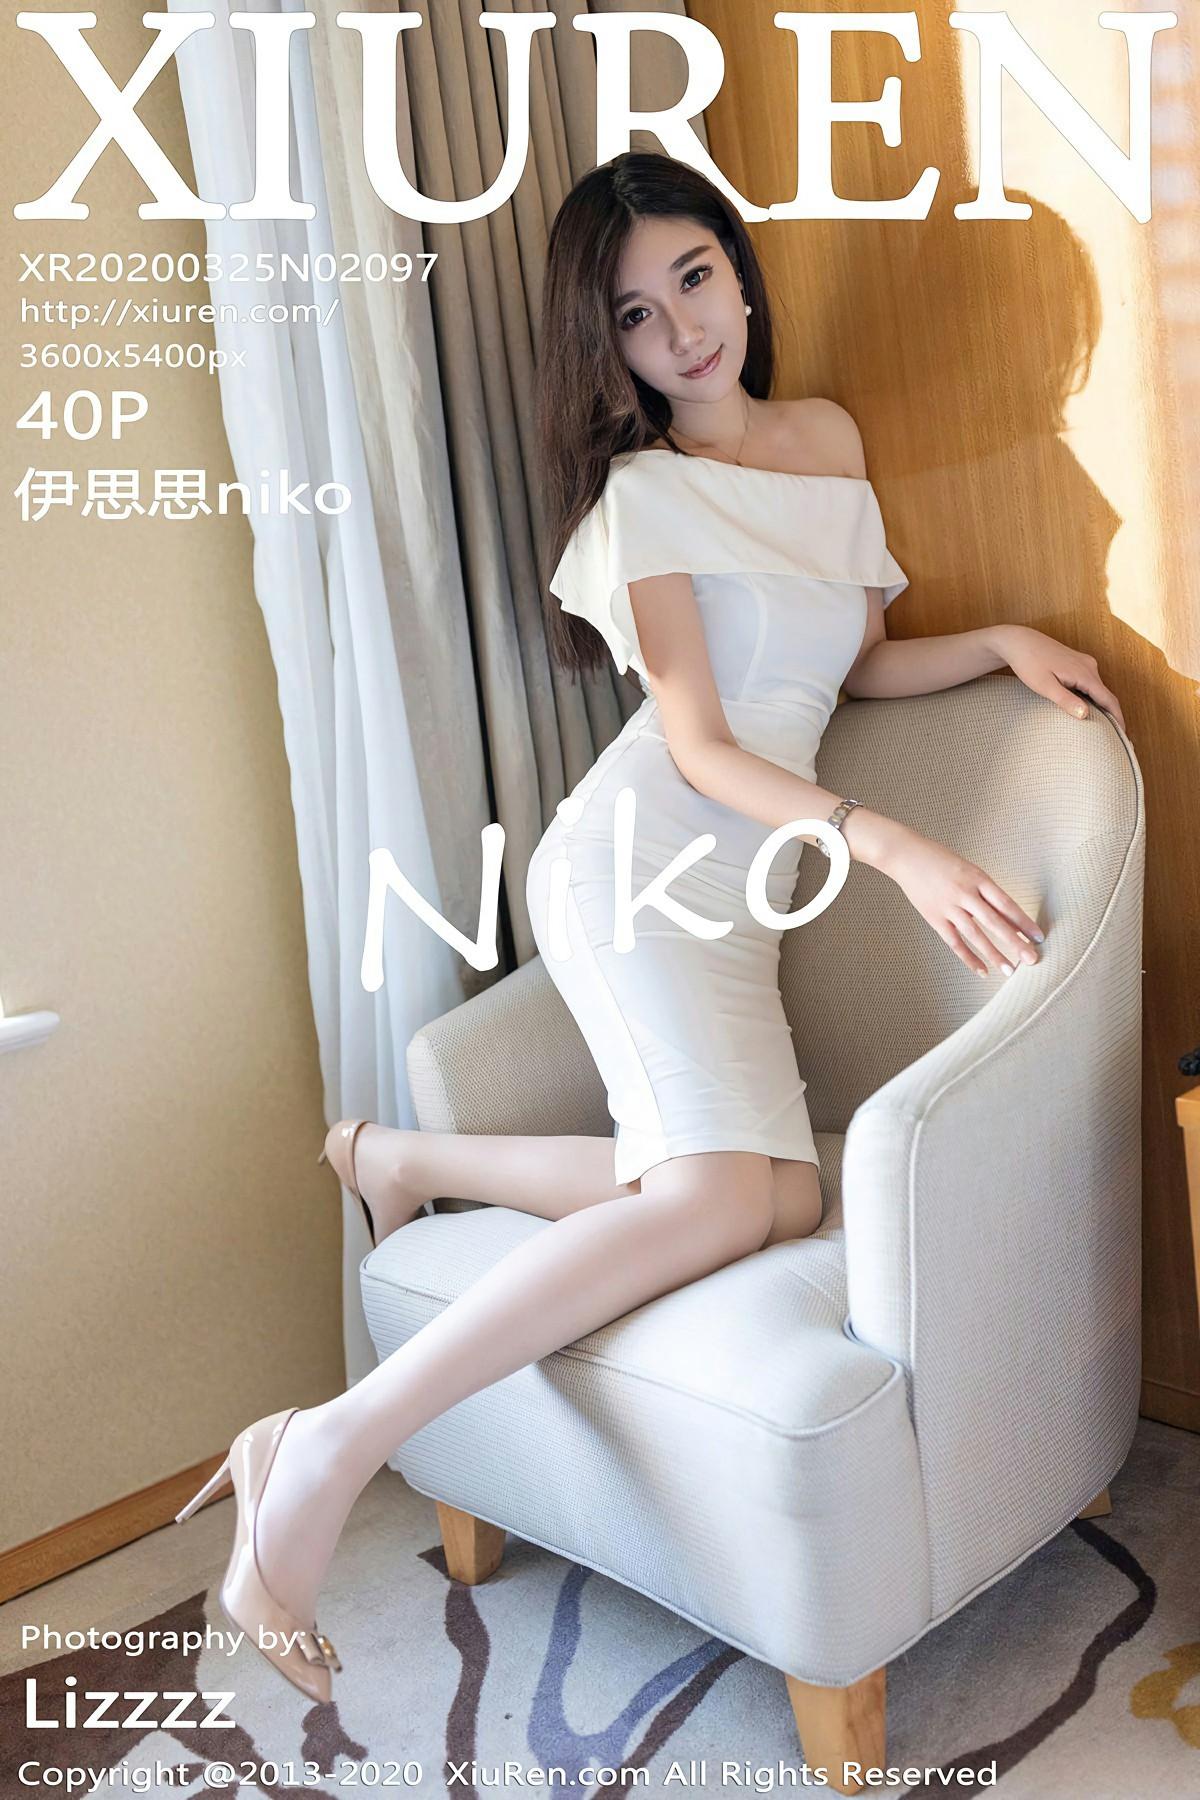 [XiuRen秀人网]2020.03.25 No.2097 伊思思niko[40P] 秀人网 第1张